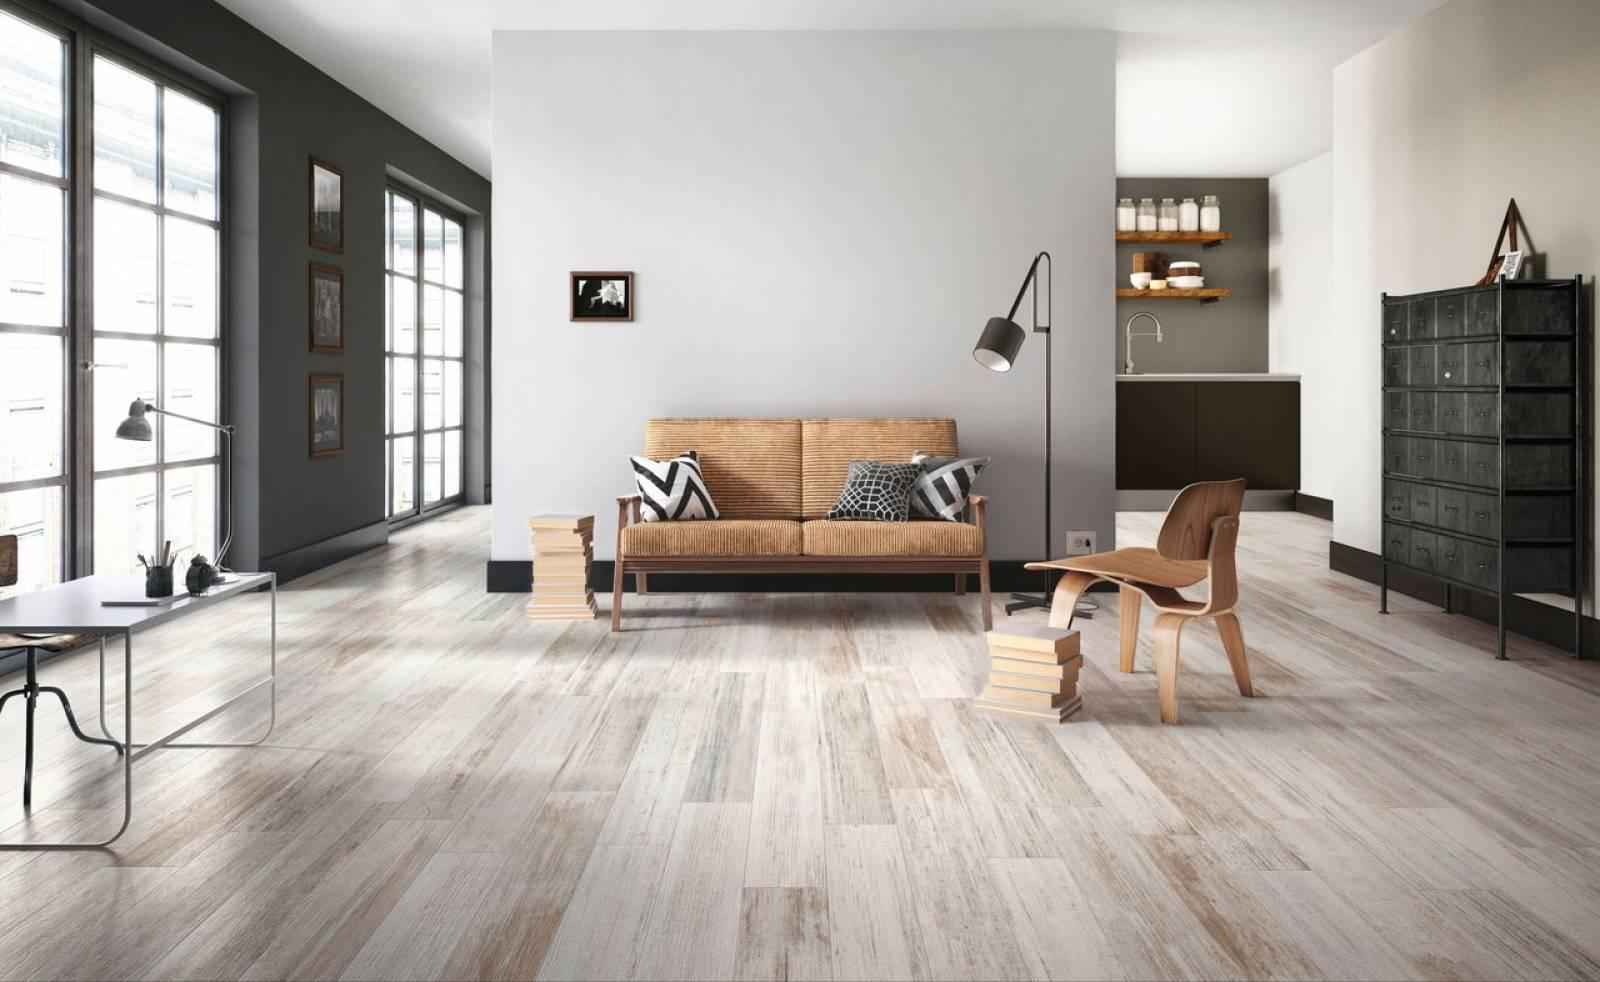 Carrelage Sol Interieur Renovation carrelage pour intérieur en imitation bois pour la